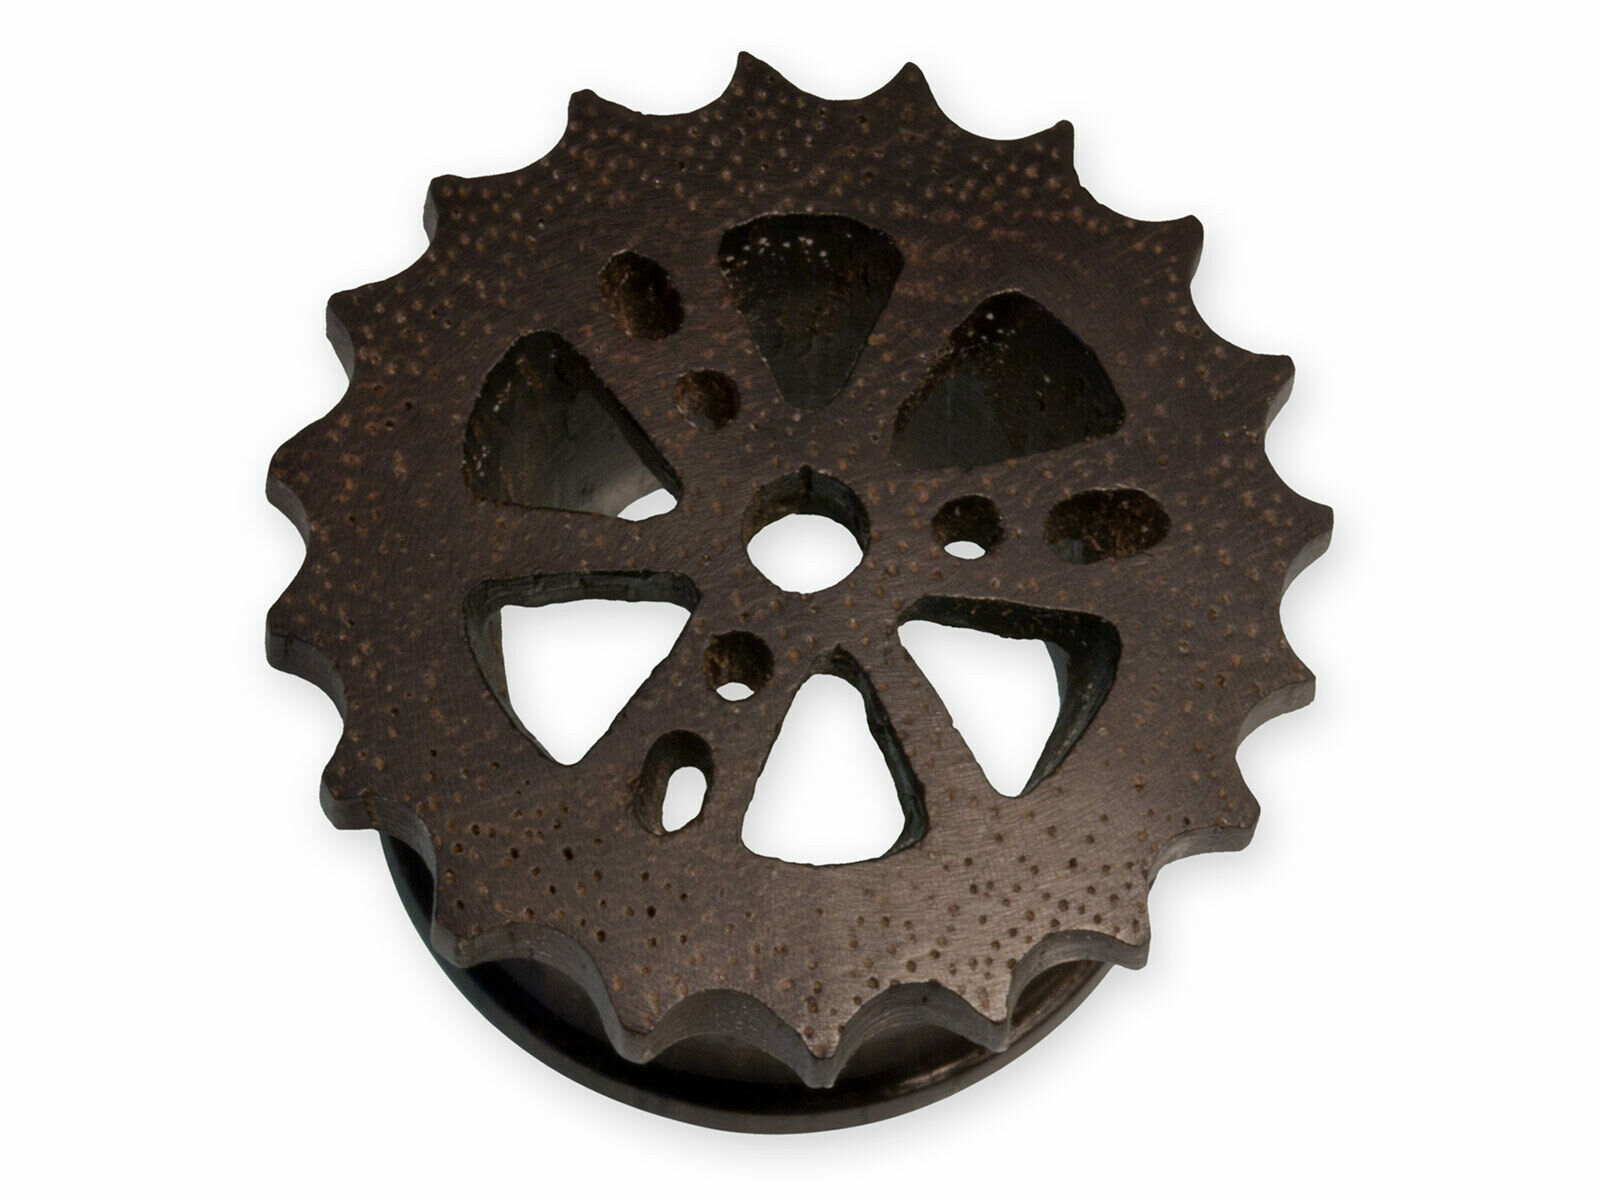 Zahnrad Flesh Tunnel Holz Piercing Plug Steam Punk Design Zahnkranz 10 - 30 mm